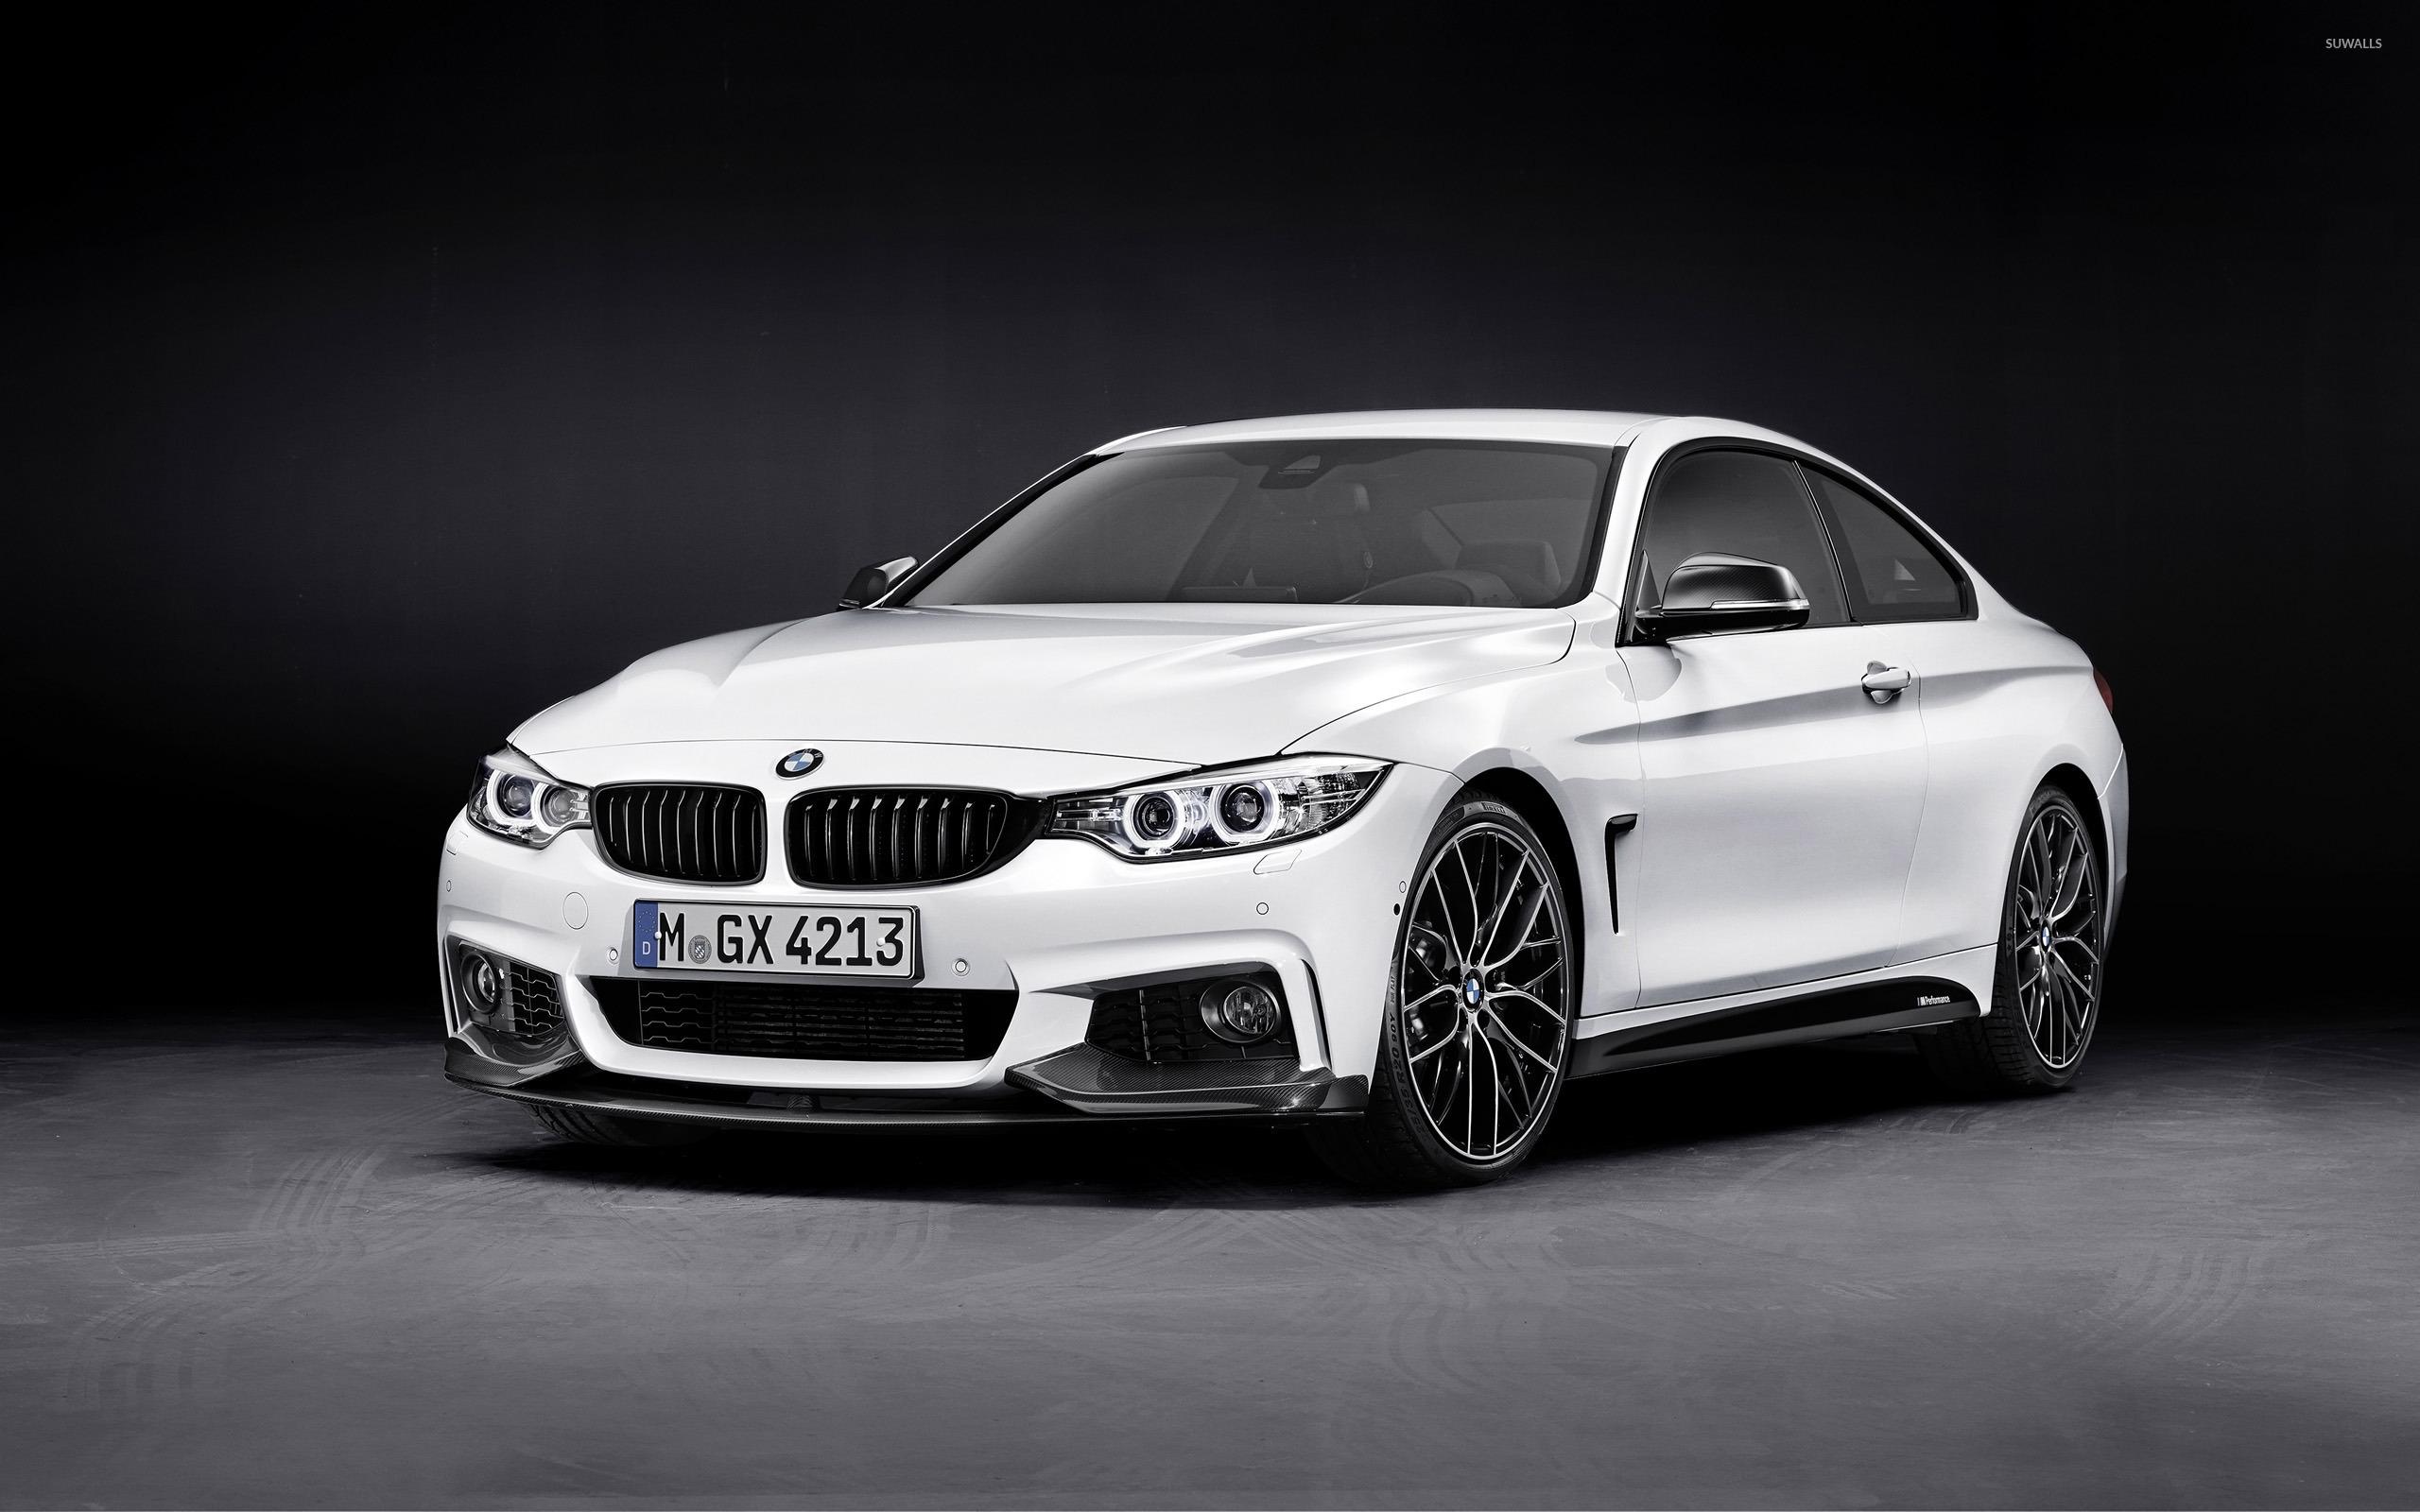 BMW M Wallpaper Car Wallpapers - 2013 bmw m4